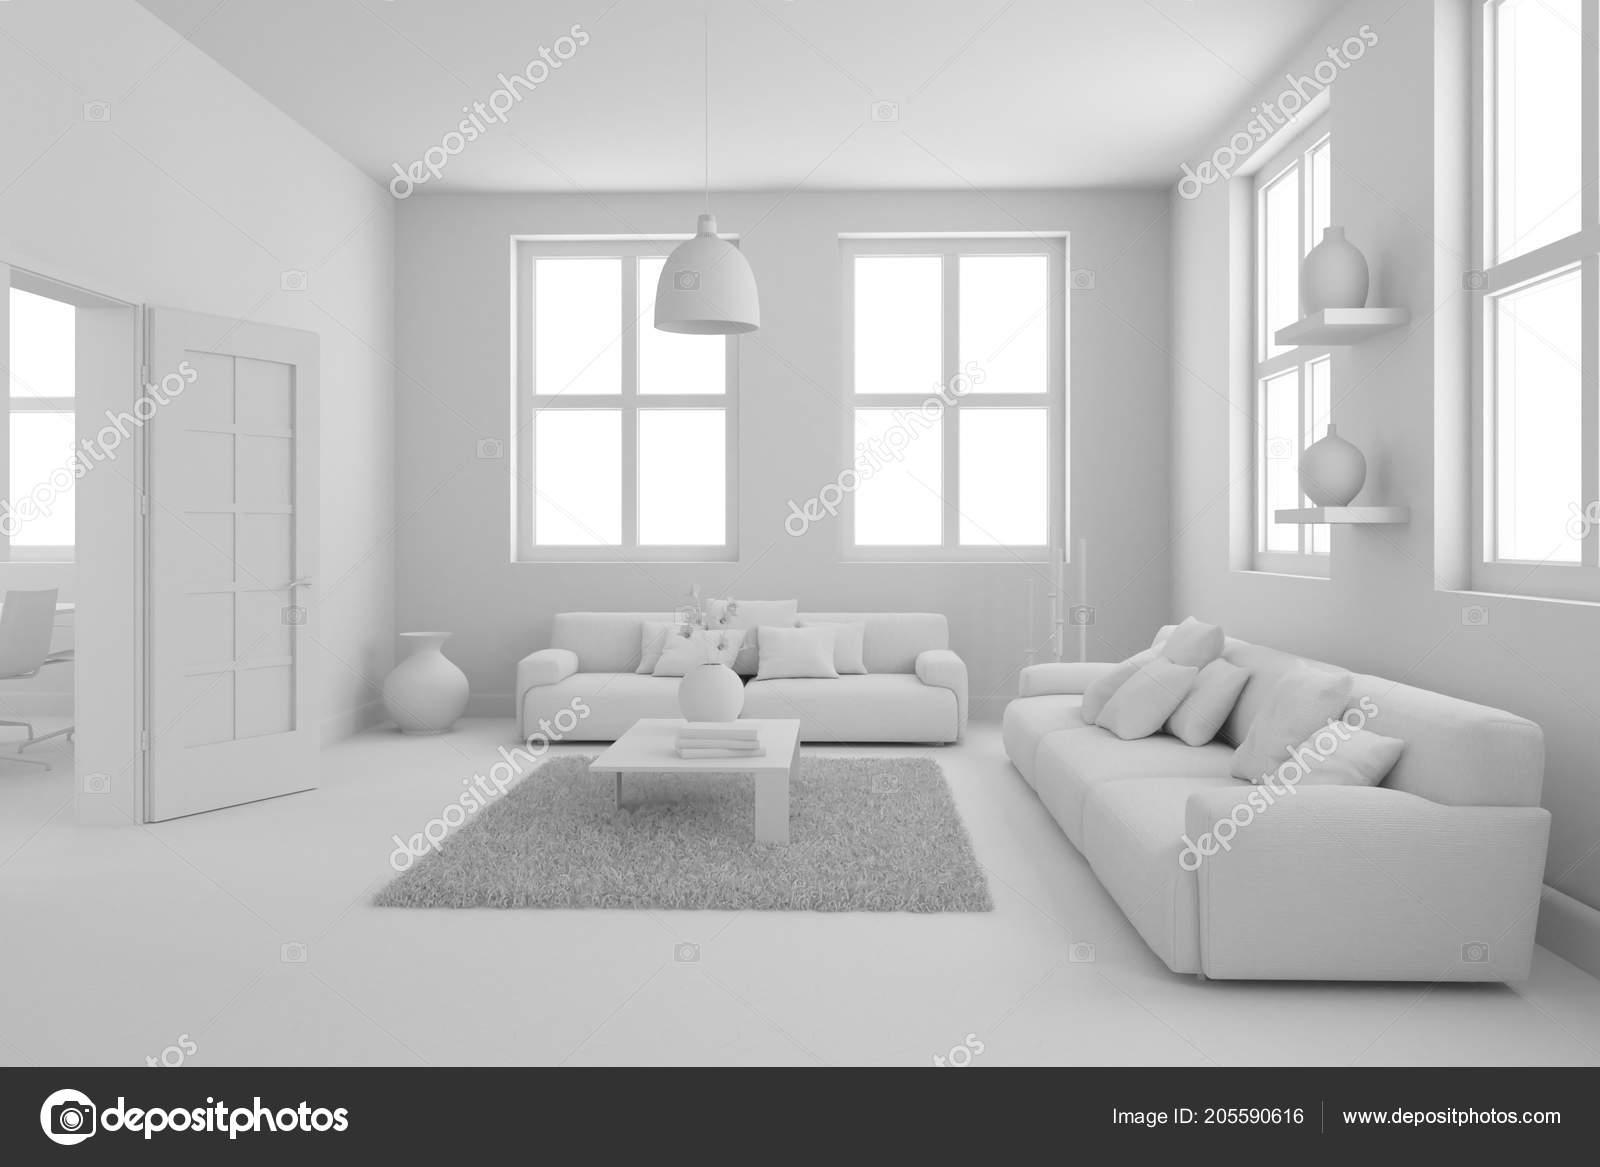 Model van modern interieur woonkamer u2014 stockfoto © virtua73 #205590616